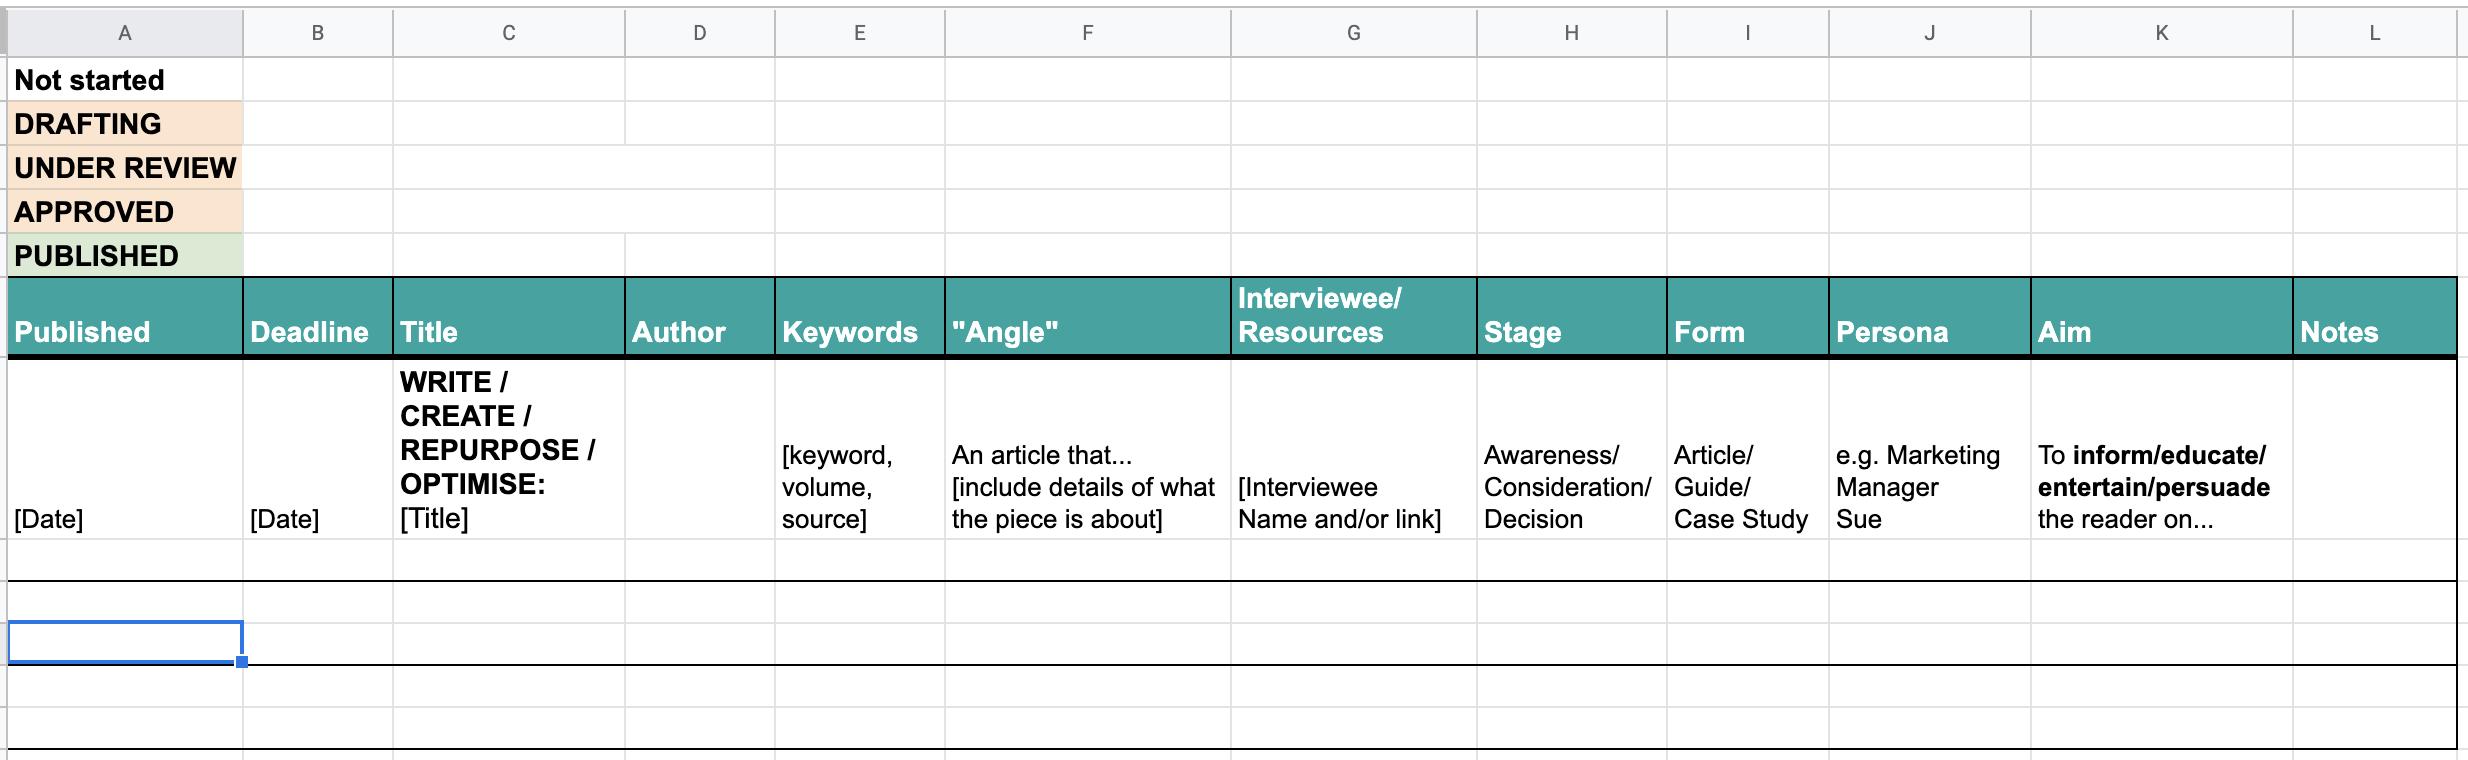 BabelQuest content calendar image